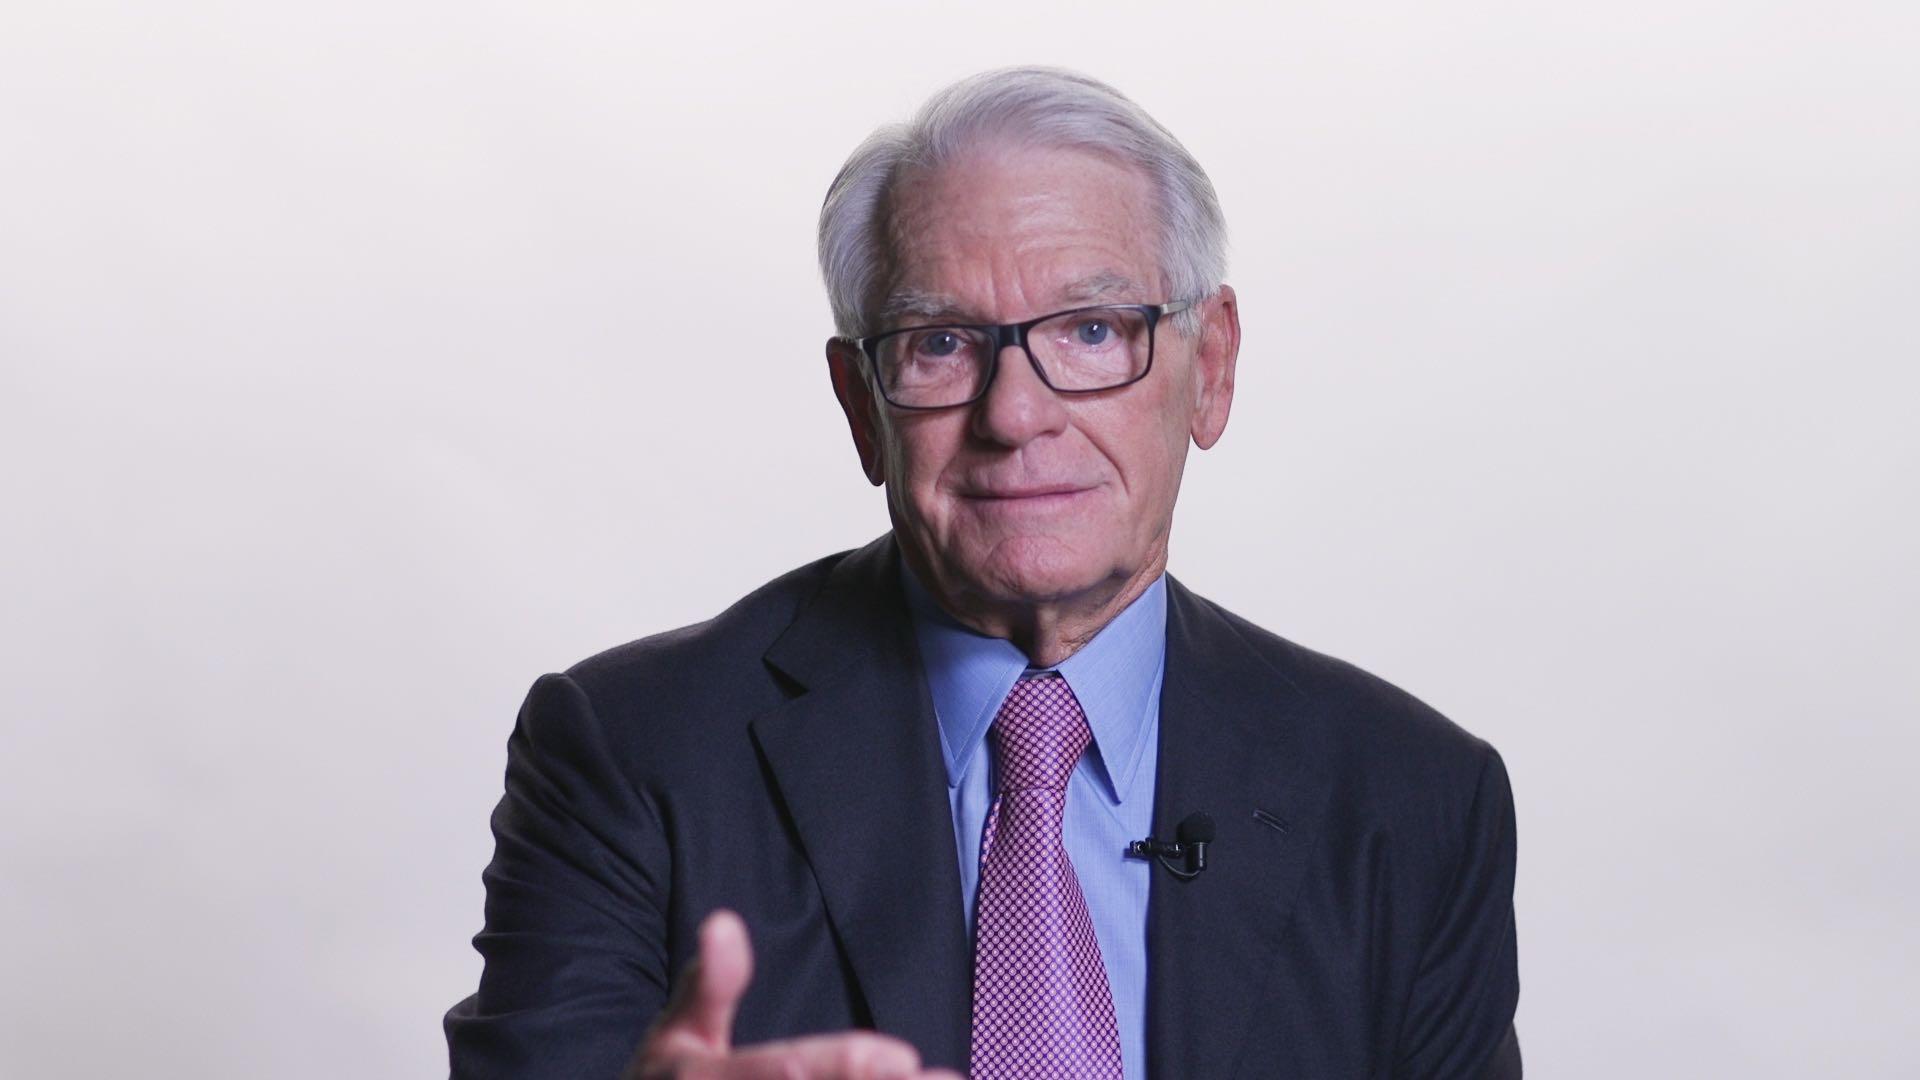 Charles Schwab's plan to lure millennial investors